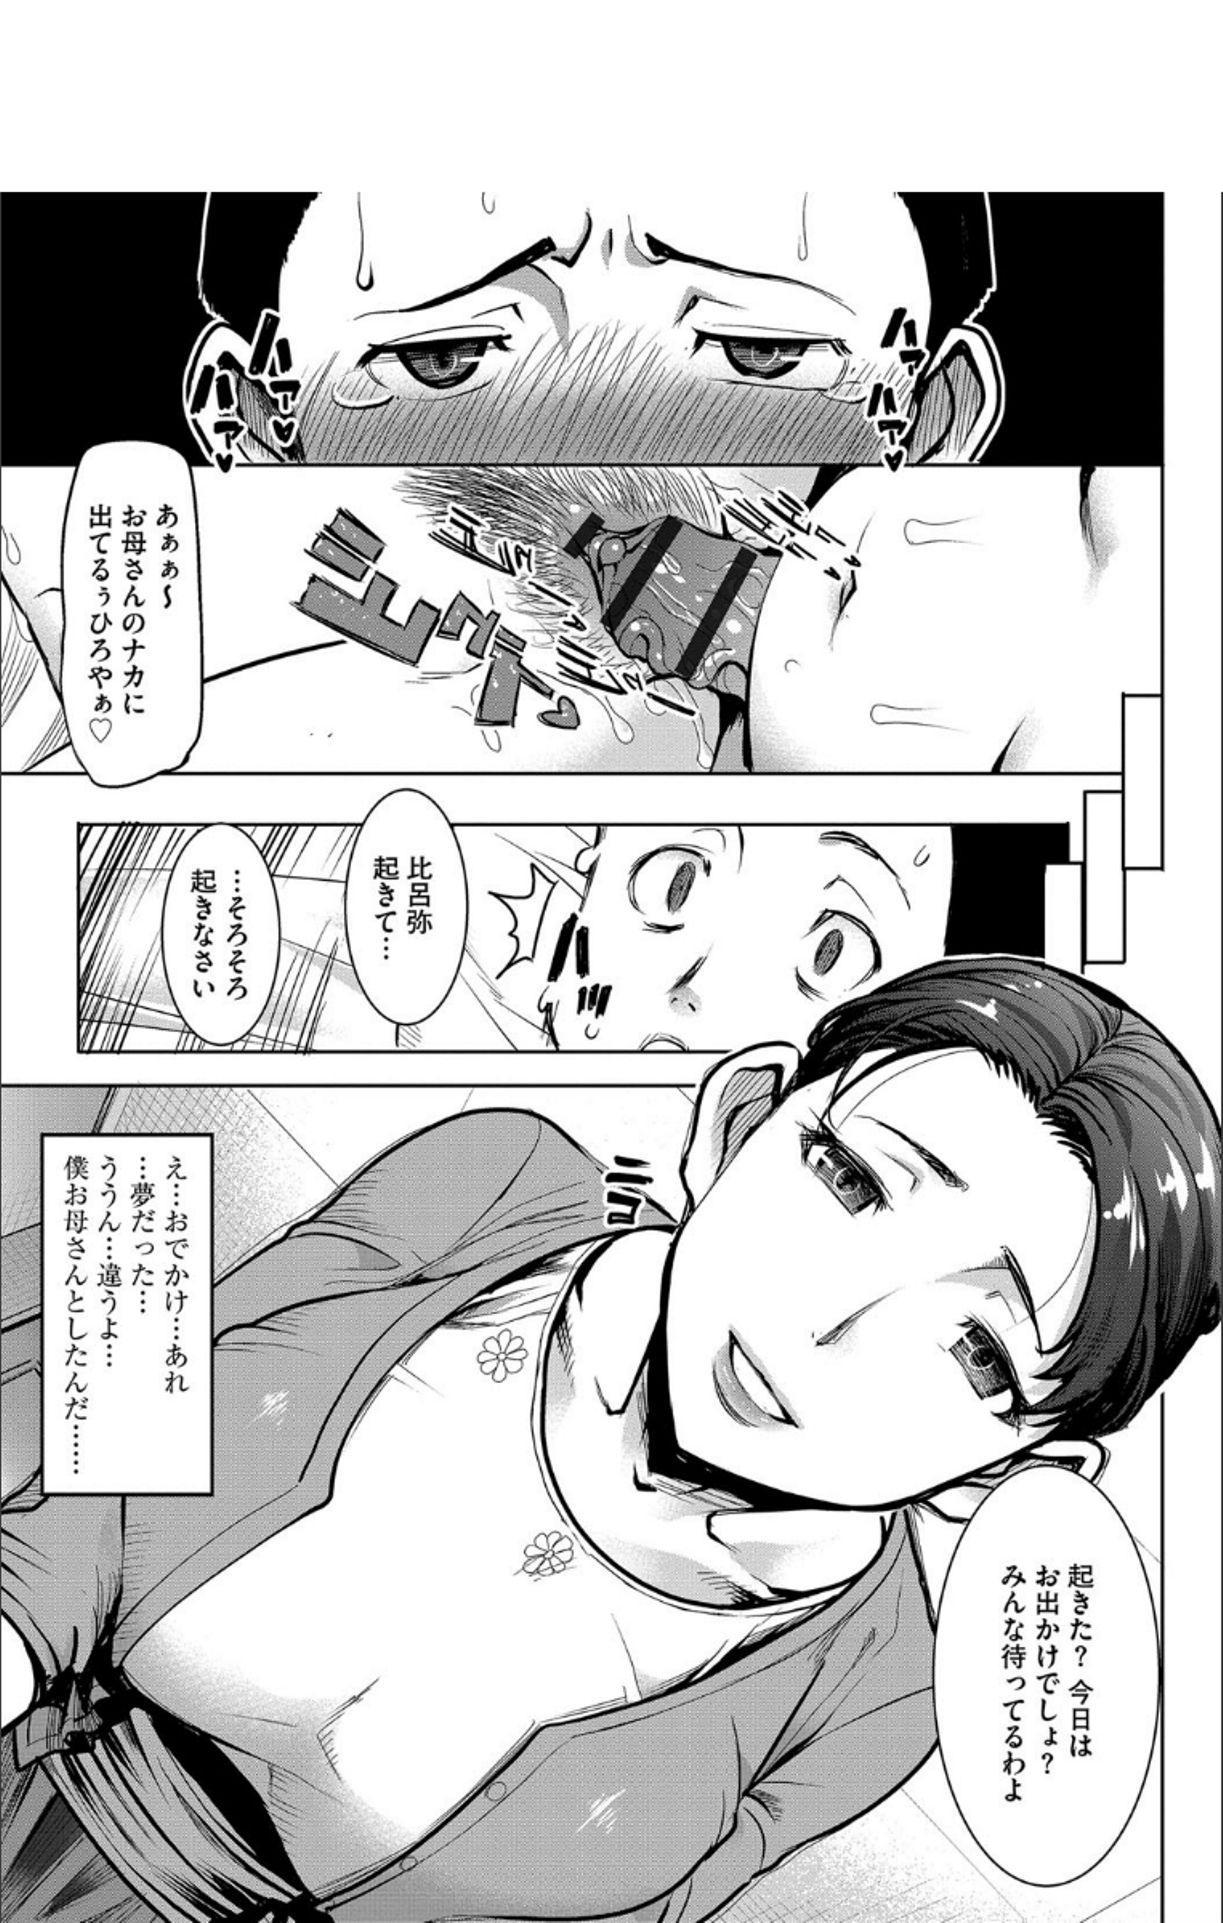 Boku no Kazoku o Sarashimasu + DMM Gentei Tokuten Paper 161